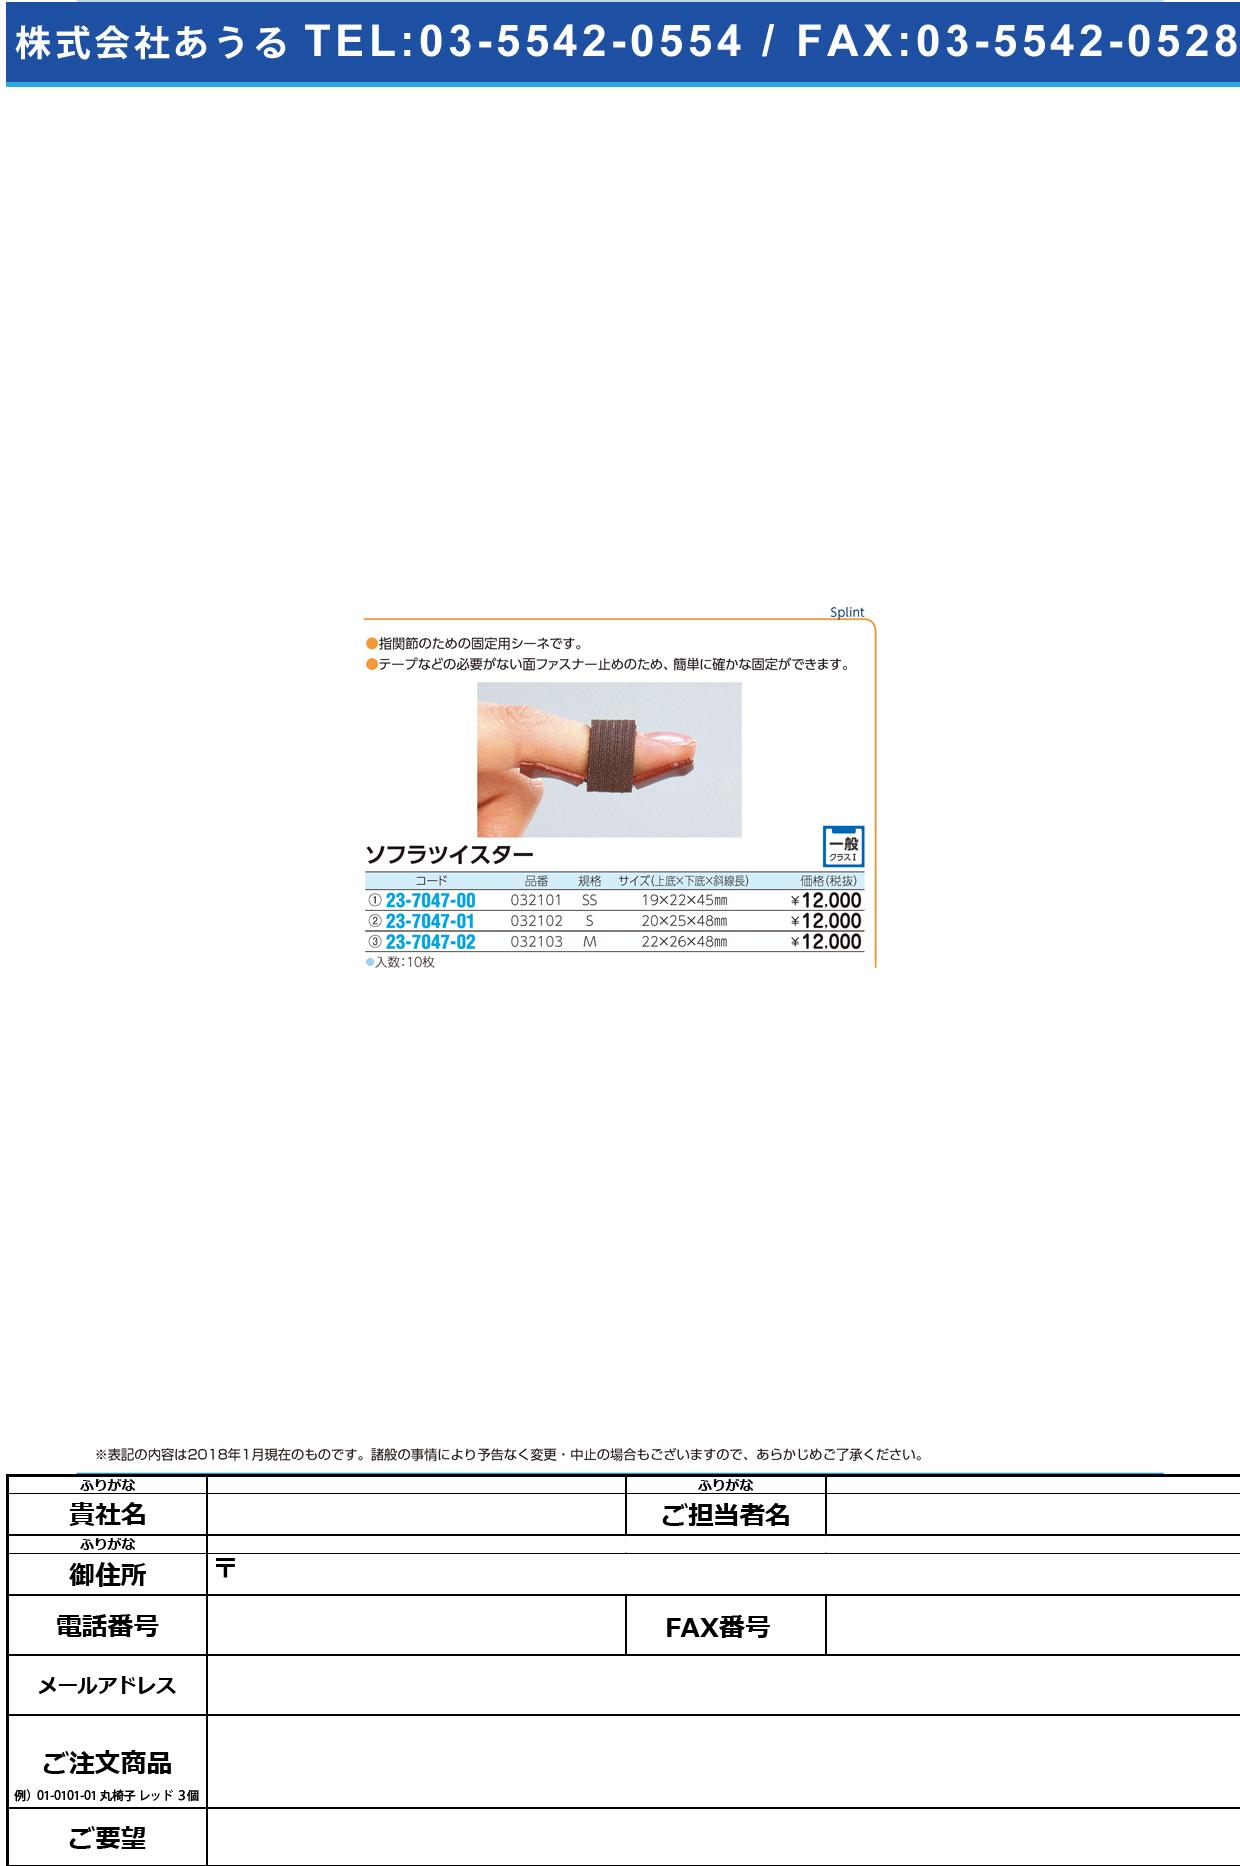 (23-7047-02)ソフラツイスター(M) 032103(10イリ) ソフラツイスター(竹虎)【1箱単位】【2018年カタログ商品】